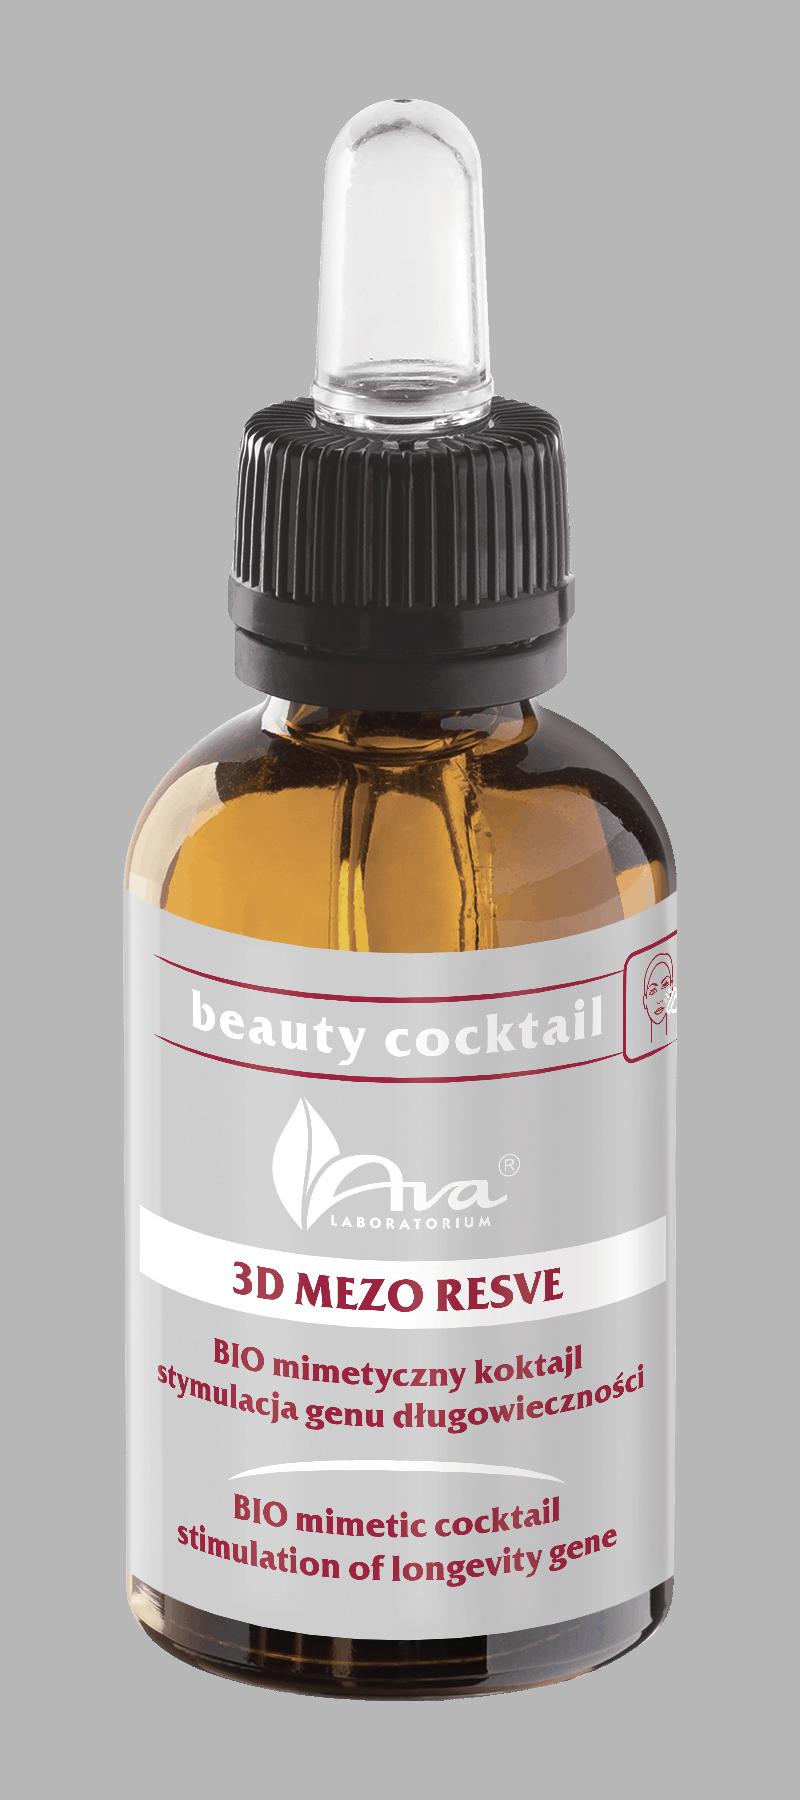 PS_3D_Mezo_Bottle_PL